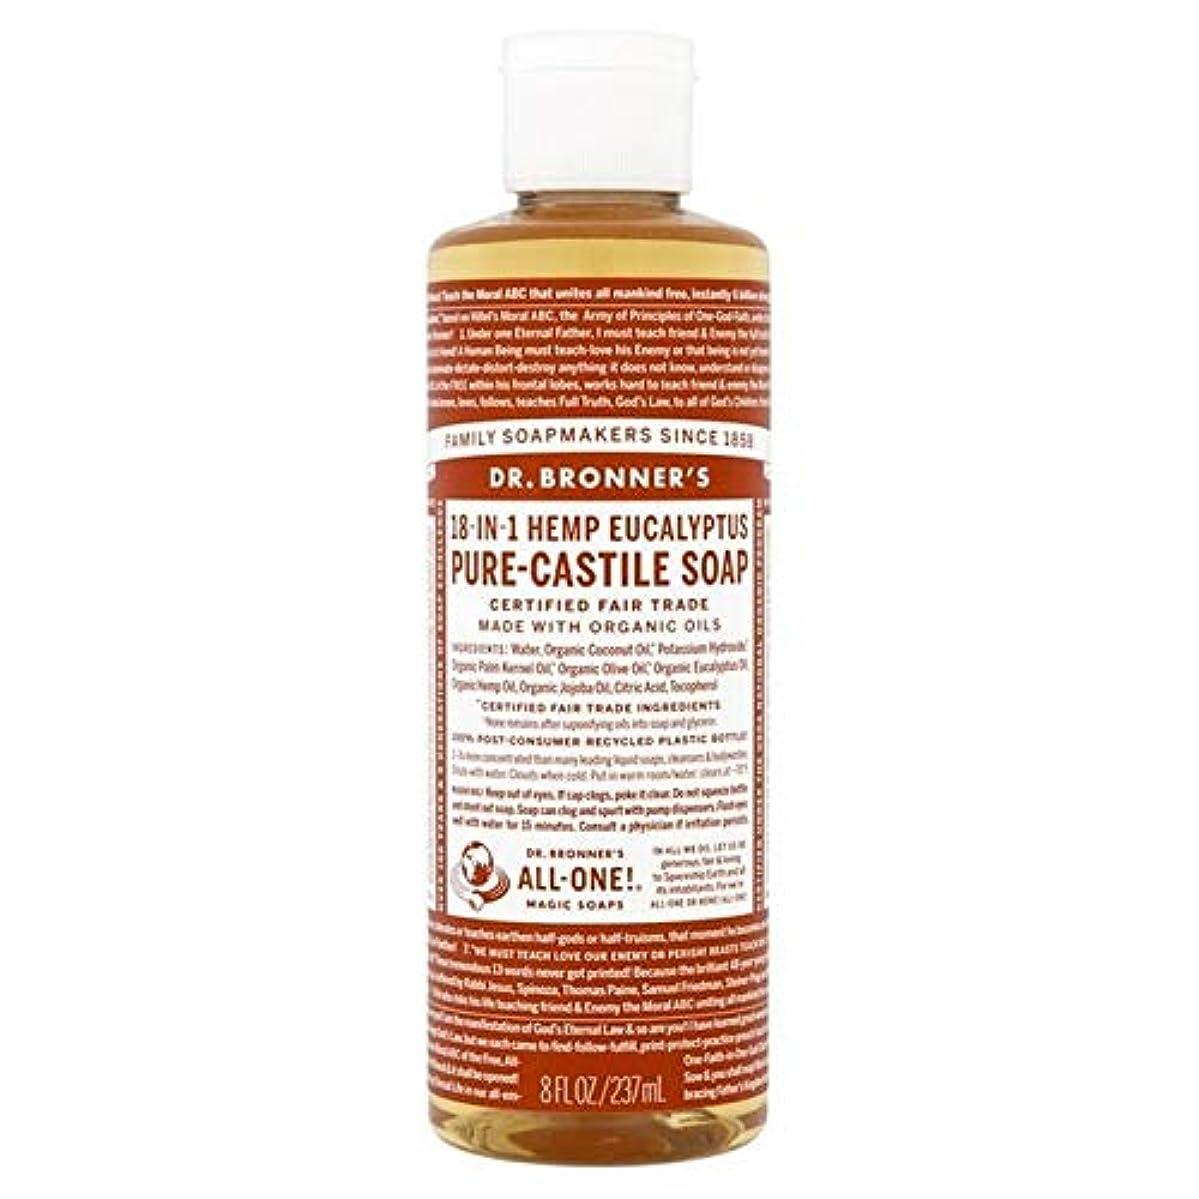 刺激するゆるく報復[Dr Bronner] Dr。ブロナーズ有機ユーカリの純粋な-カスティーリャ液体石鹸237ミリリットル - Dr. Bronner's Organic Eucalyptus Pure-Castile Liquid Soap...